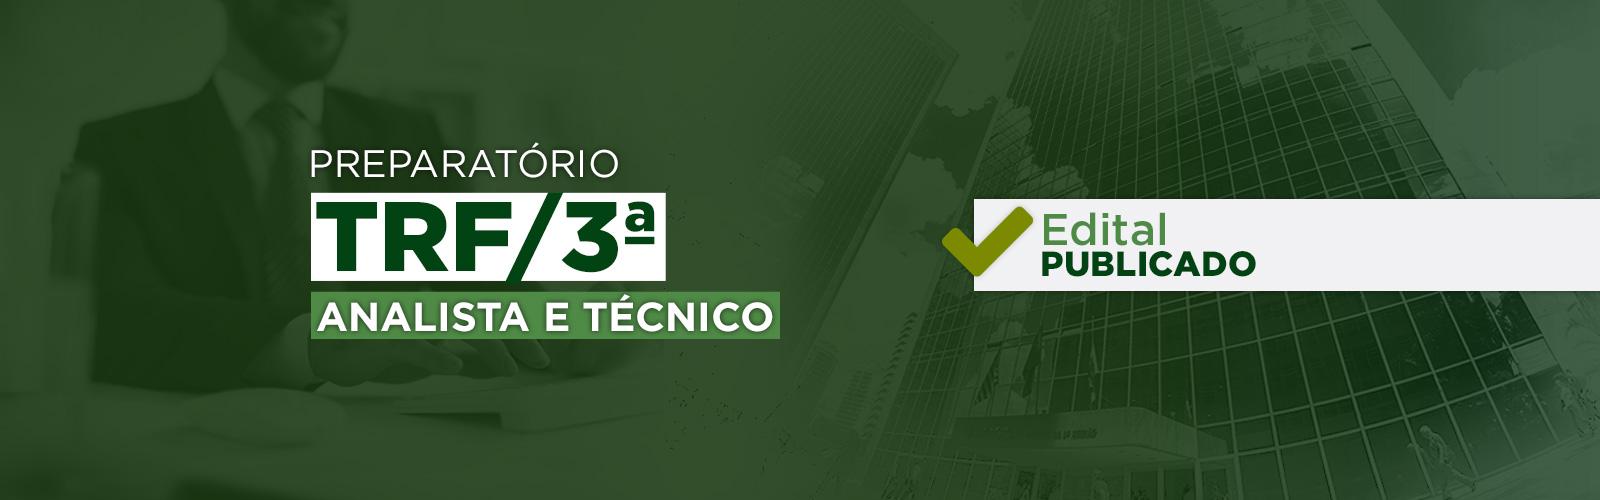 Cursos Analista Judiciário e Técnico Judiciário TRF/3ª